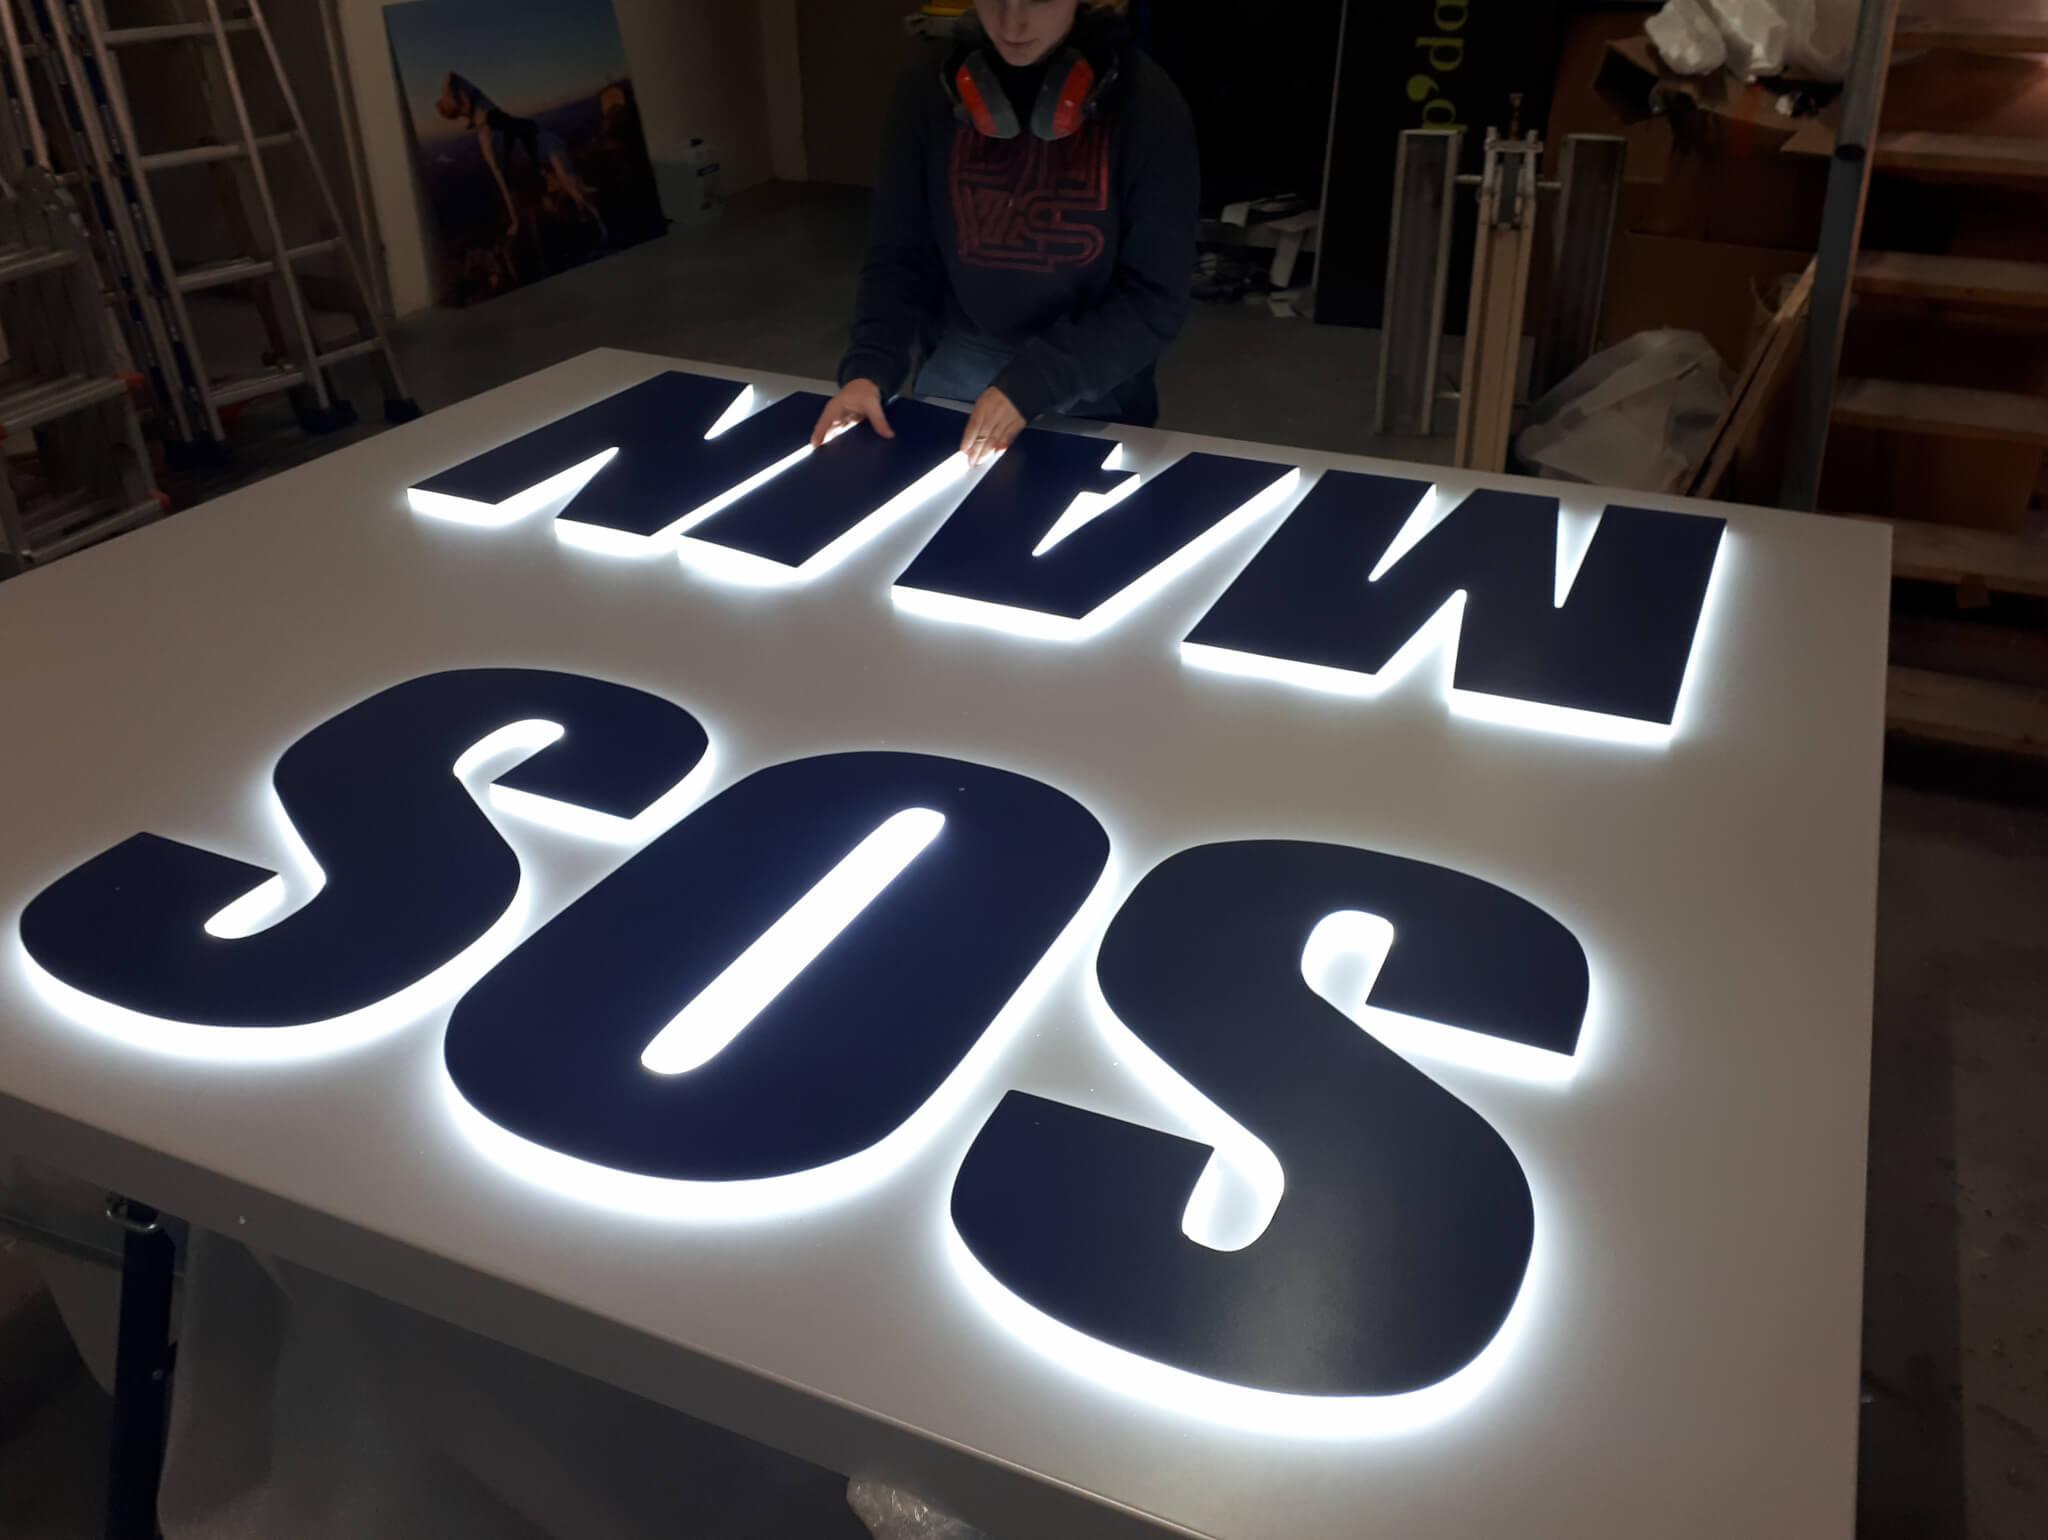 Votre enseigne bloc led à Lyon - Fabrication enseigne lumineuse led - SES Grigny - Rhône - Fabricant d'enseignes